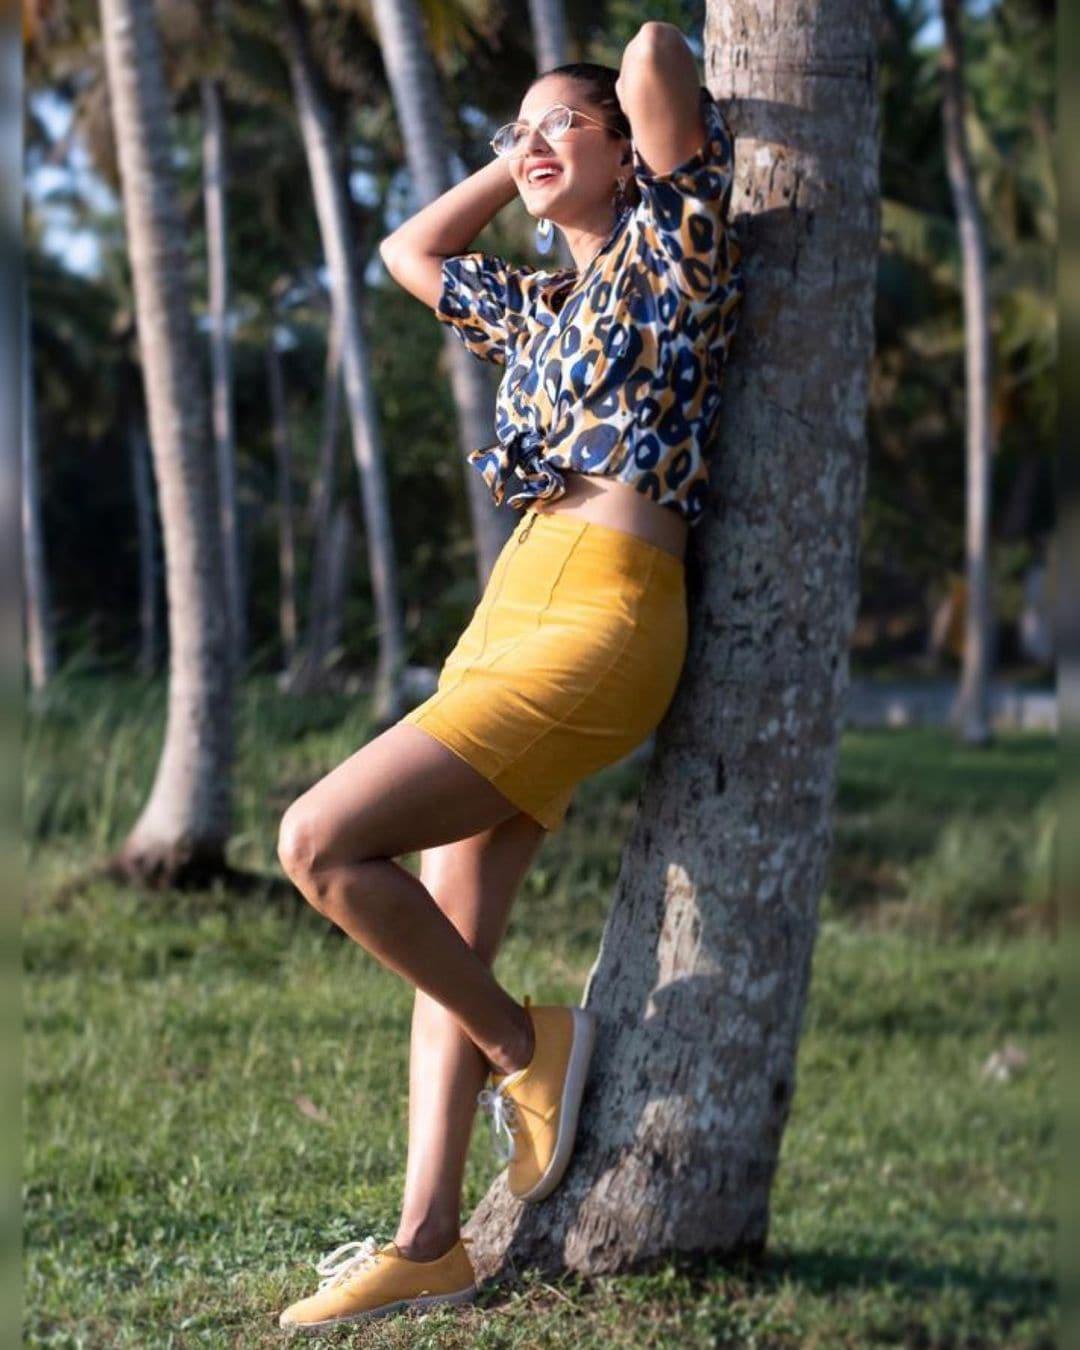 நடிகை சன்னி லியோன் ஜெய் நடிப்பில் வெளியான ' வடகறி' படத்தில் ஒரு பாடலுக்கு நடனமாடியிருப்பார்.